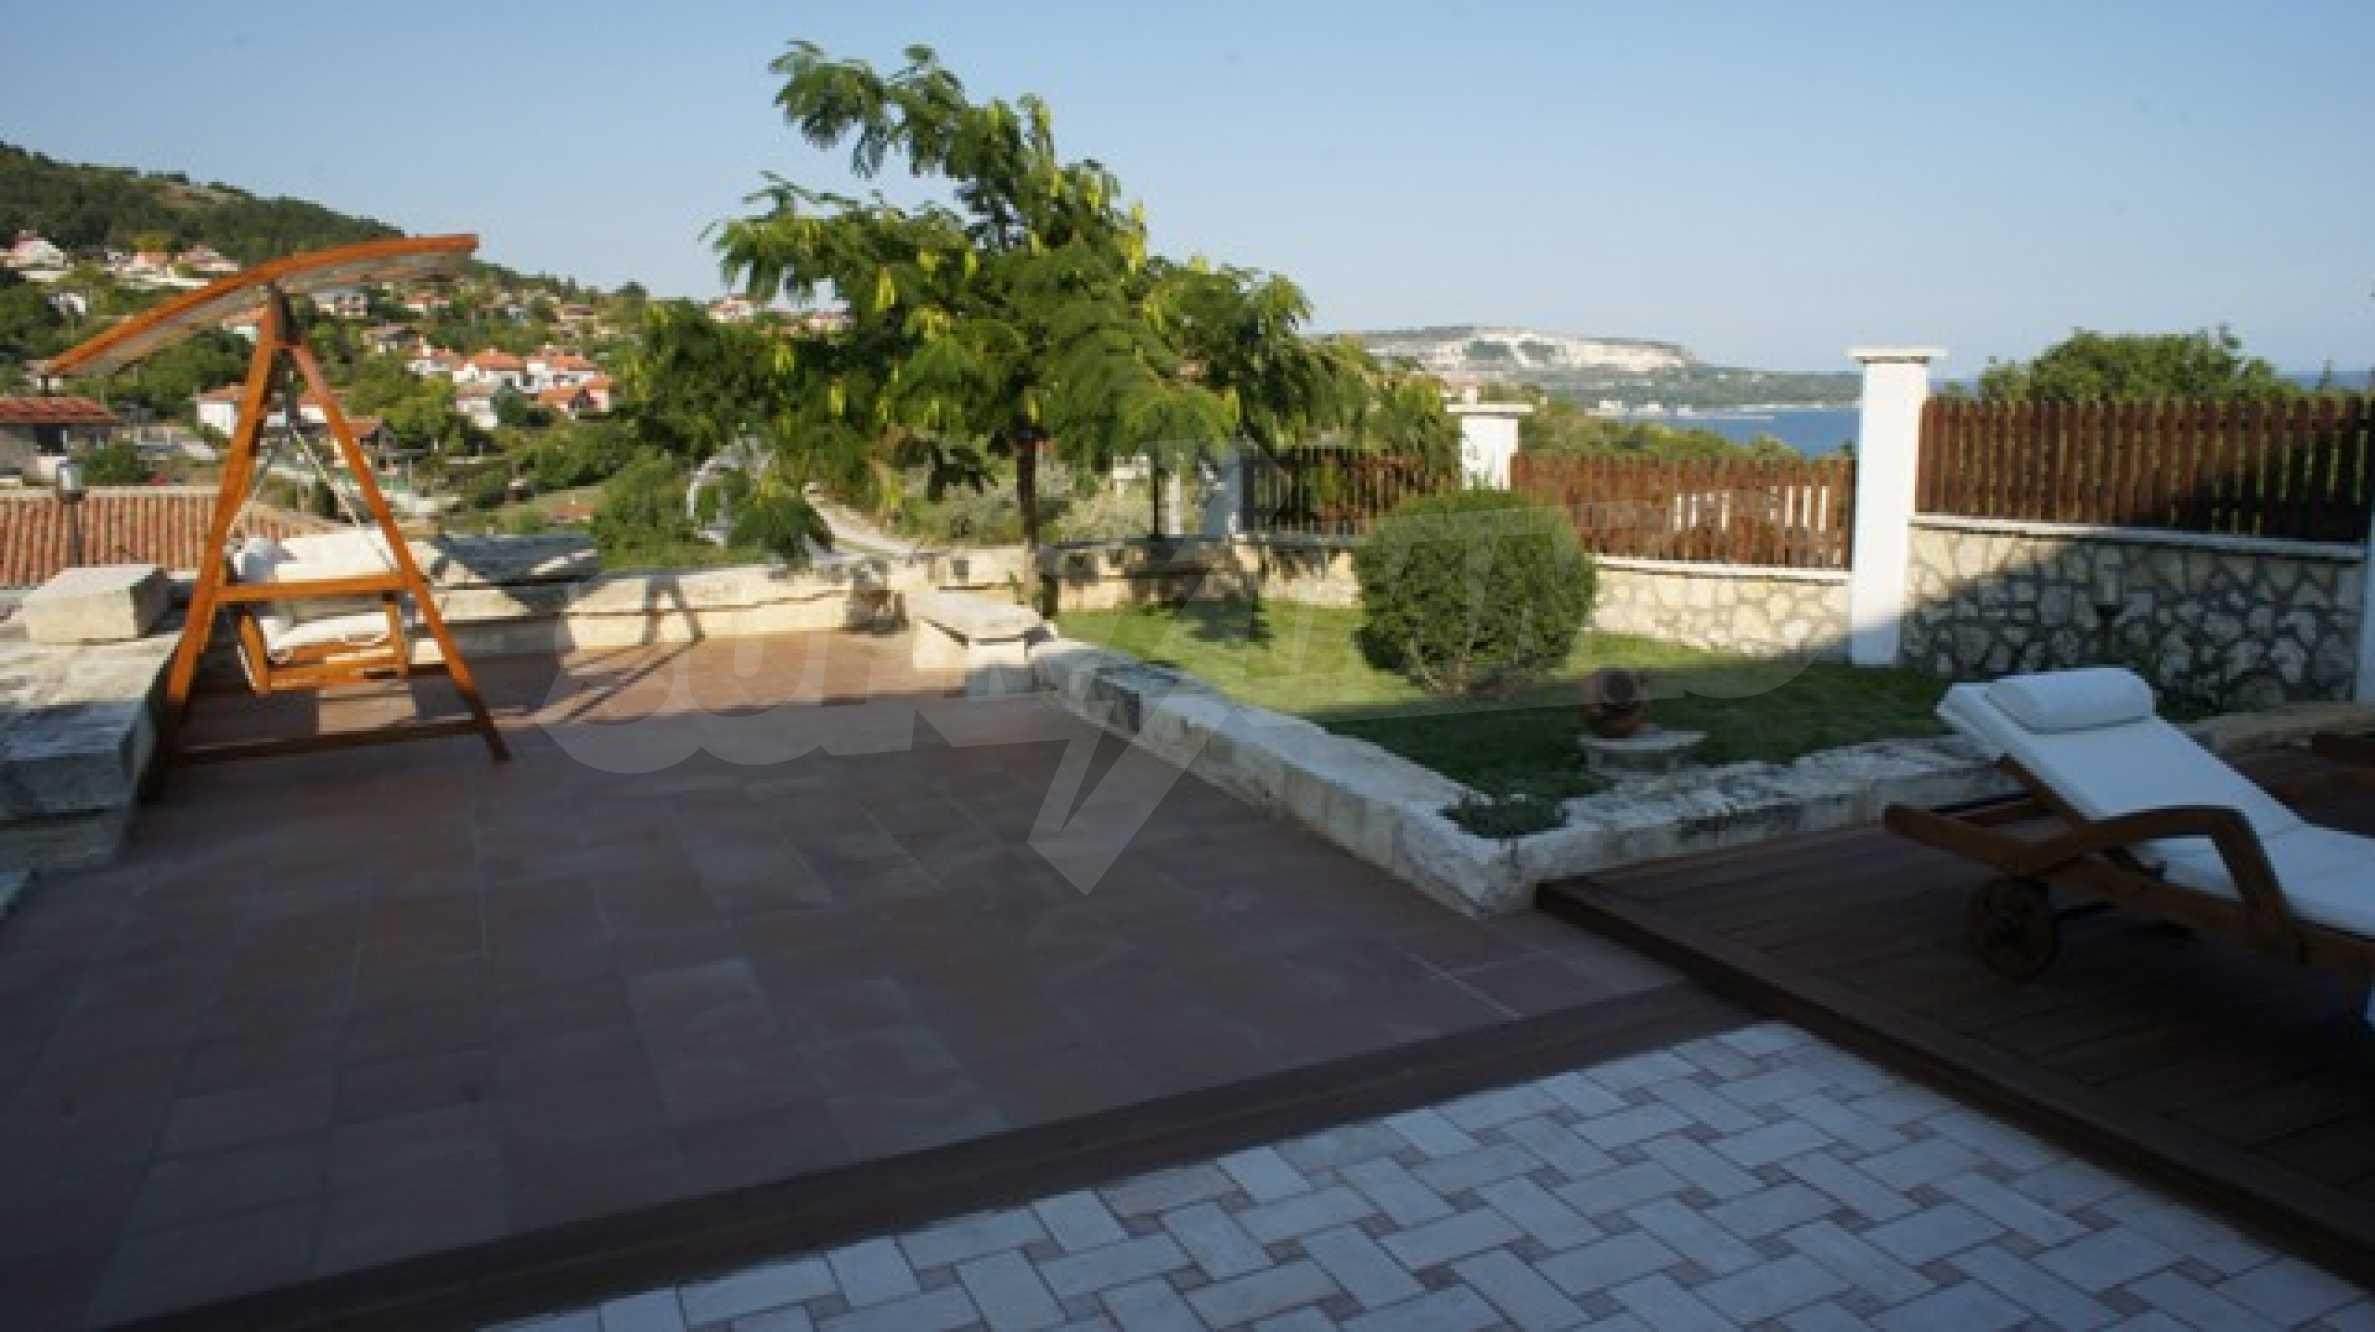 Mediterraner Stil - Luxus zum Sonderpreis 19